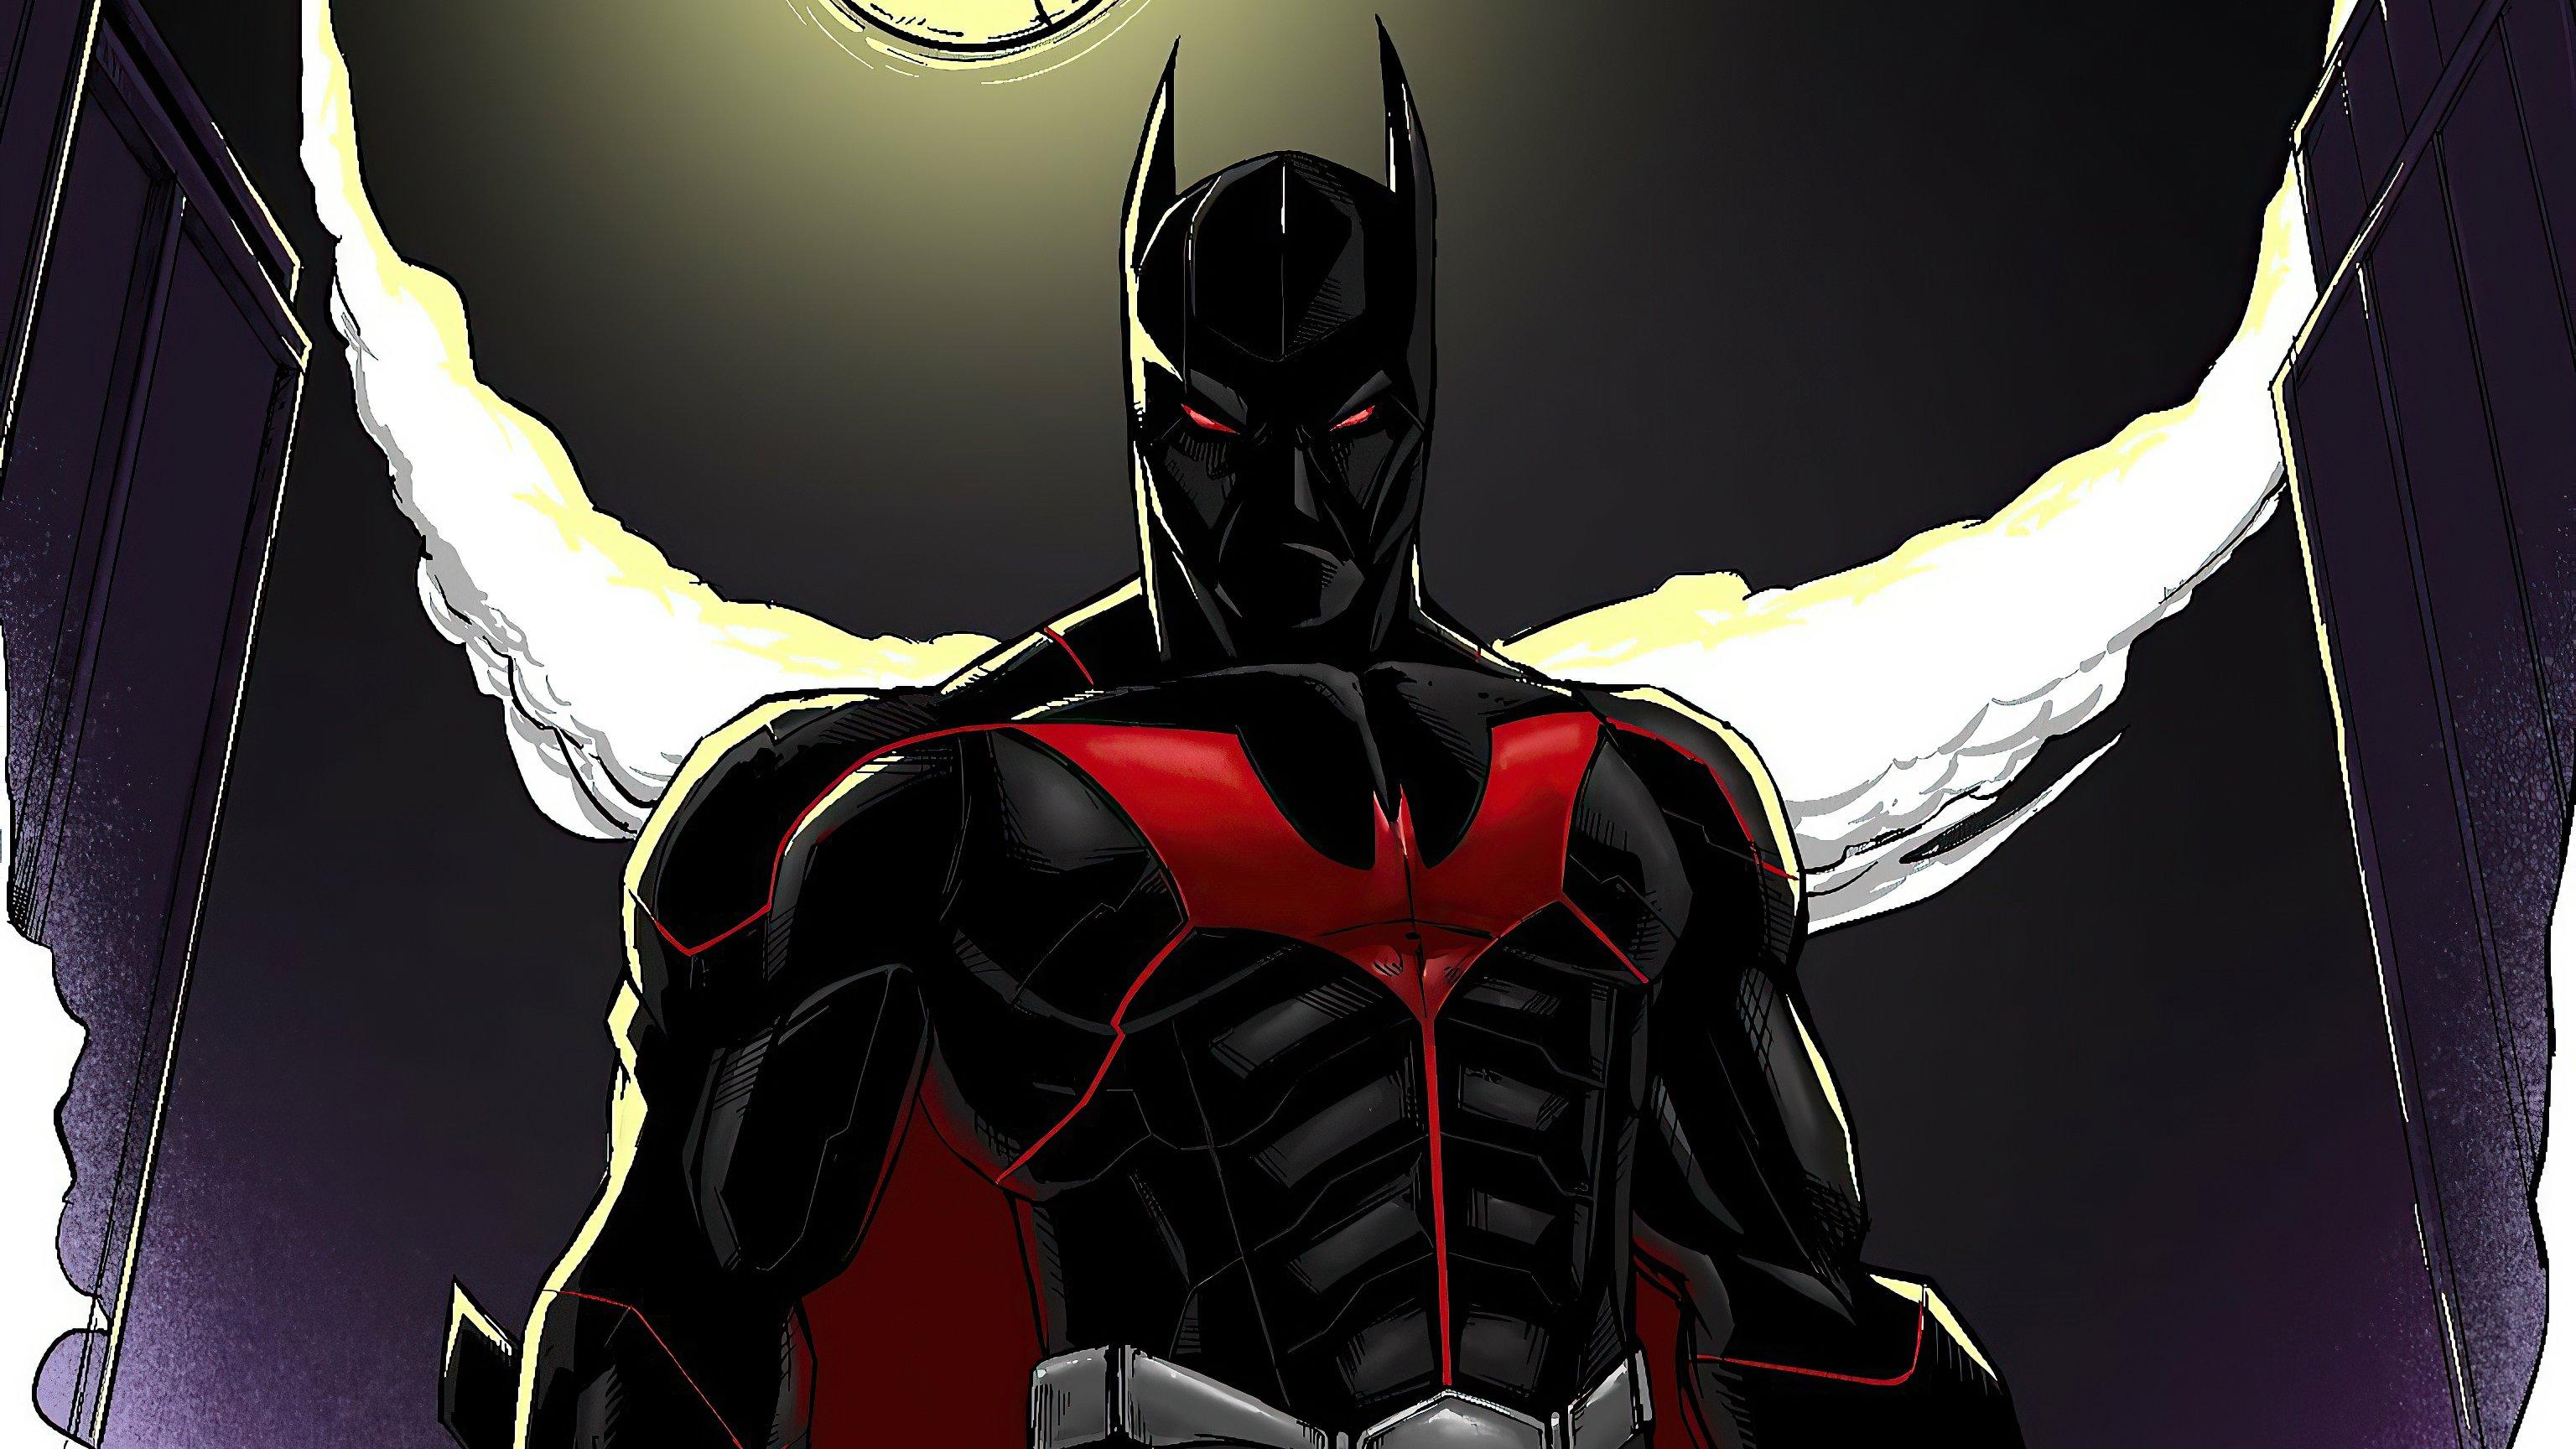 Wallpaper Batman Beyond